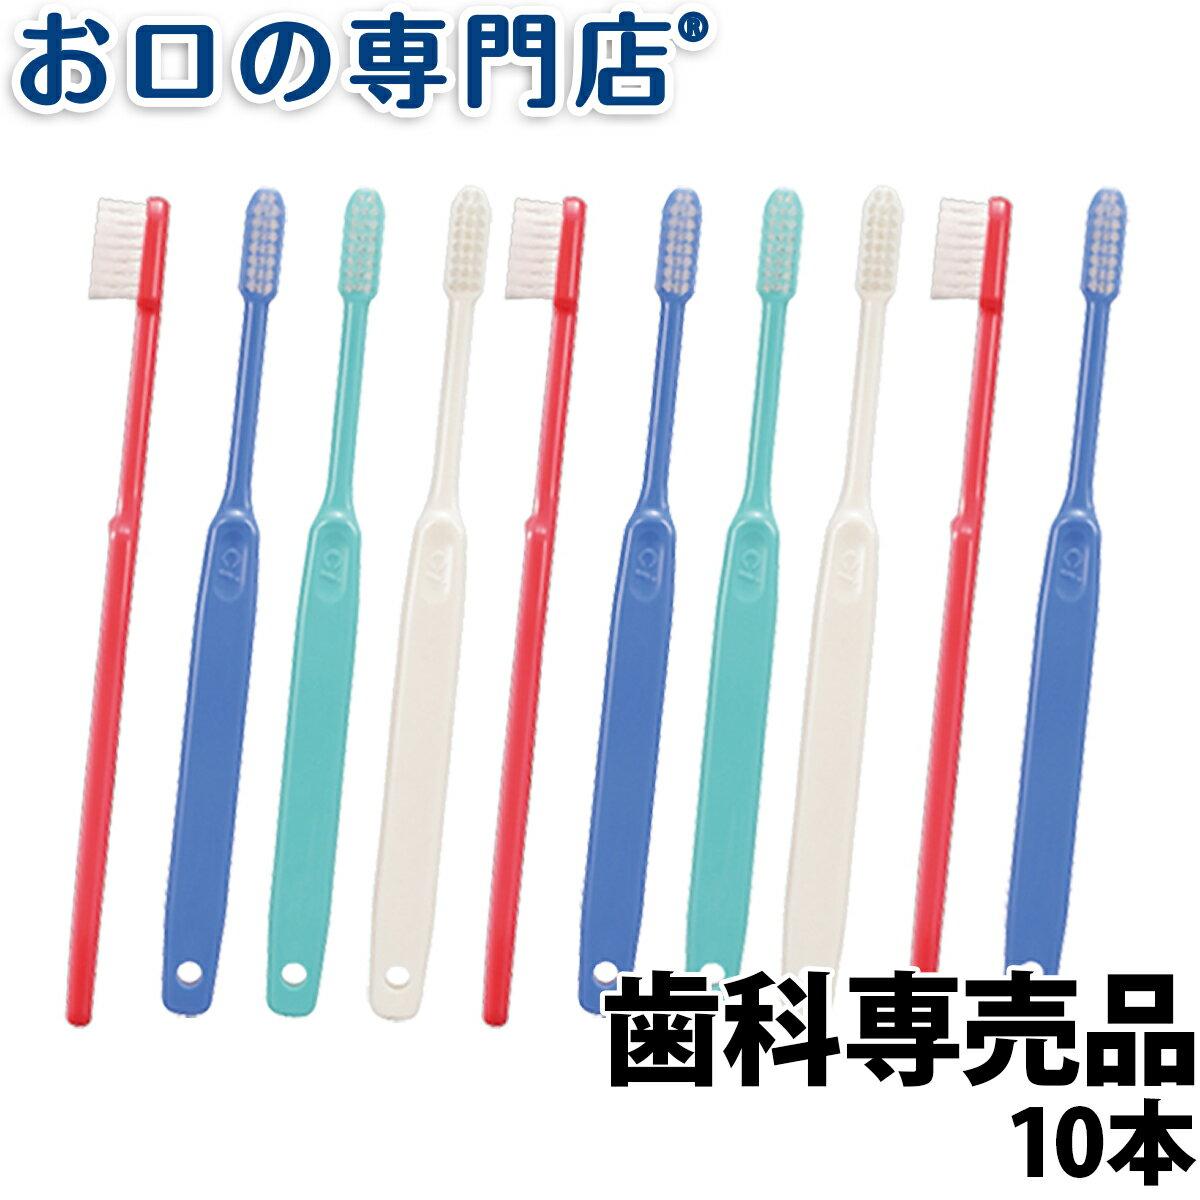 Ciメディカル 歯ブラシ コンパクトヘッド 15本セット Ci201/Ci202/Ci203/Ci206 ハブラシ/歯ブラシ 歯科専売品 【ゆうパケット(メール便)OK】